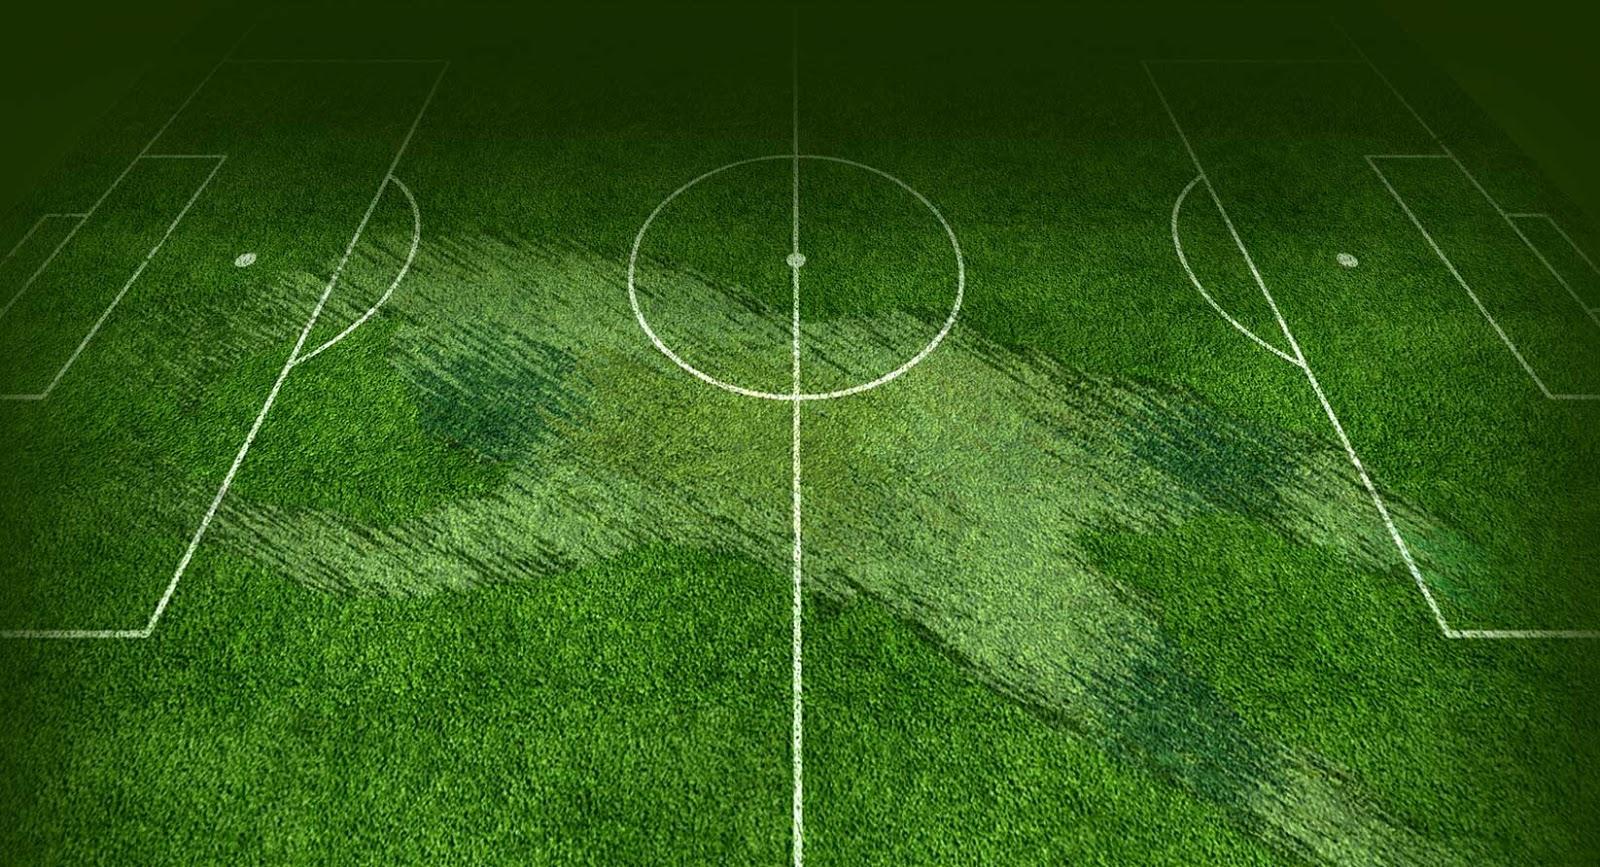 Fondos para fotos arquero de futbol for Fondos de pantalla de futbol para celular